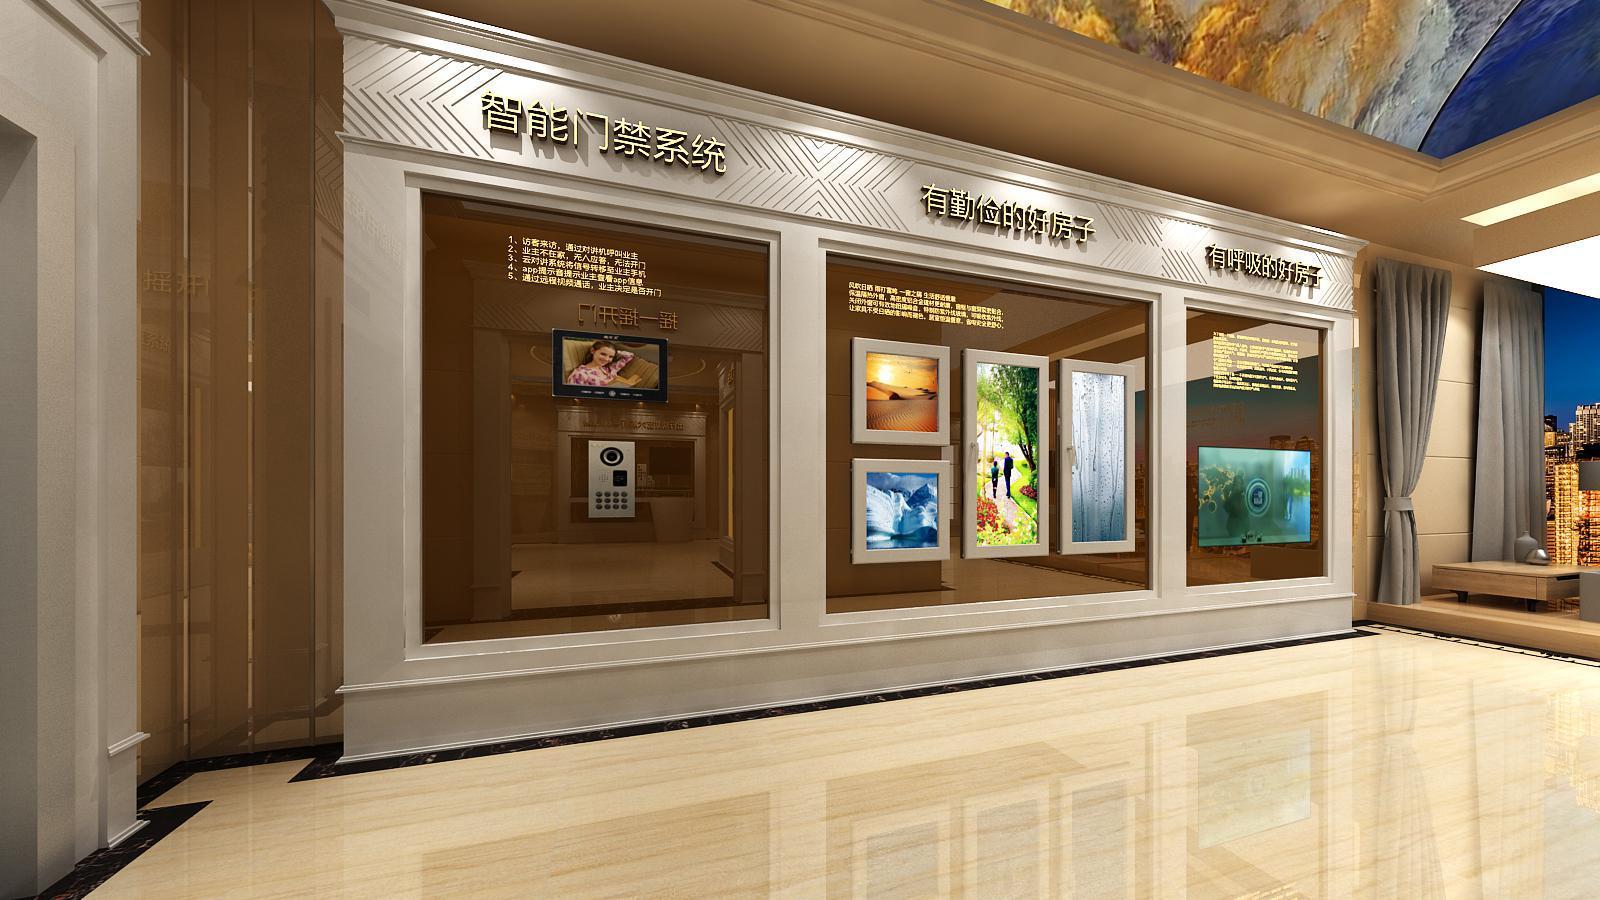 碧桂园新城体验馆设计方案之墙面造型设计9